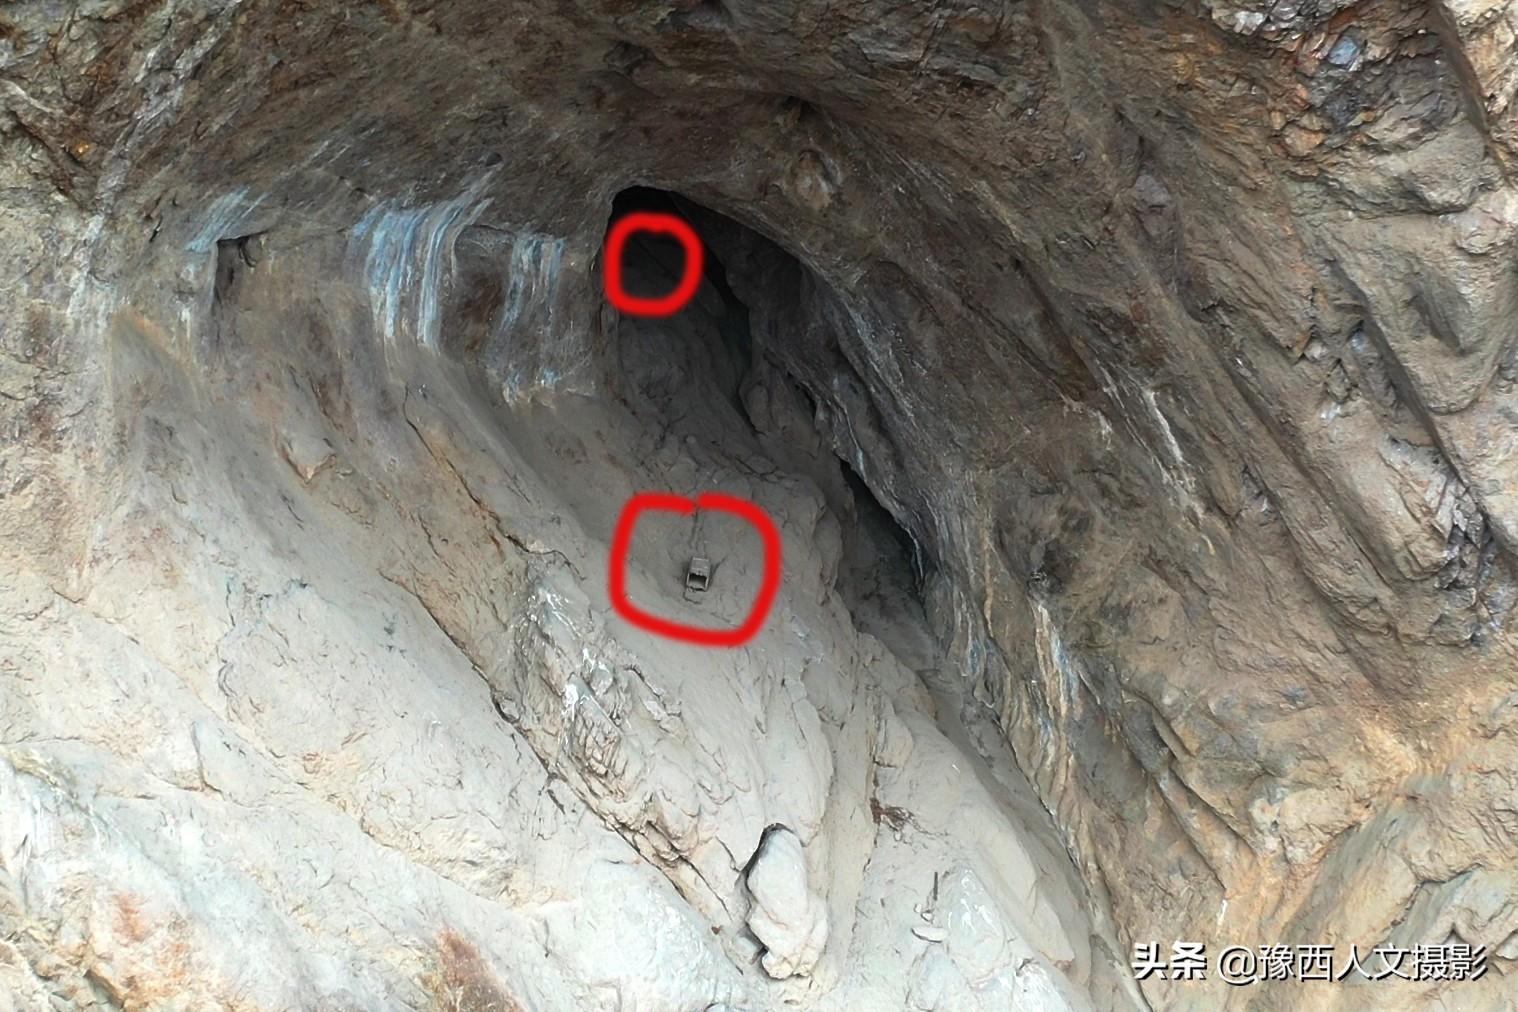 """洛阳深山诡异洞穴无法攀爬,洞内发现疑似""""悬棺"""""""